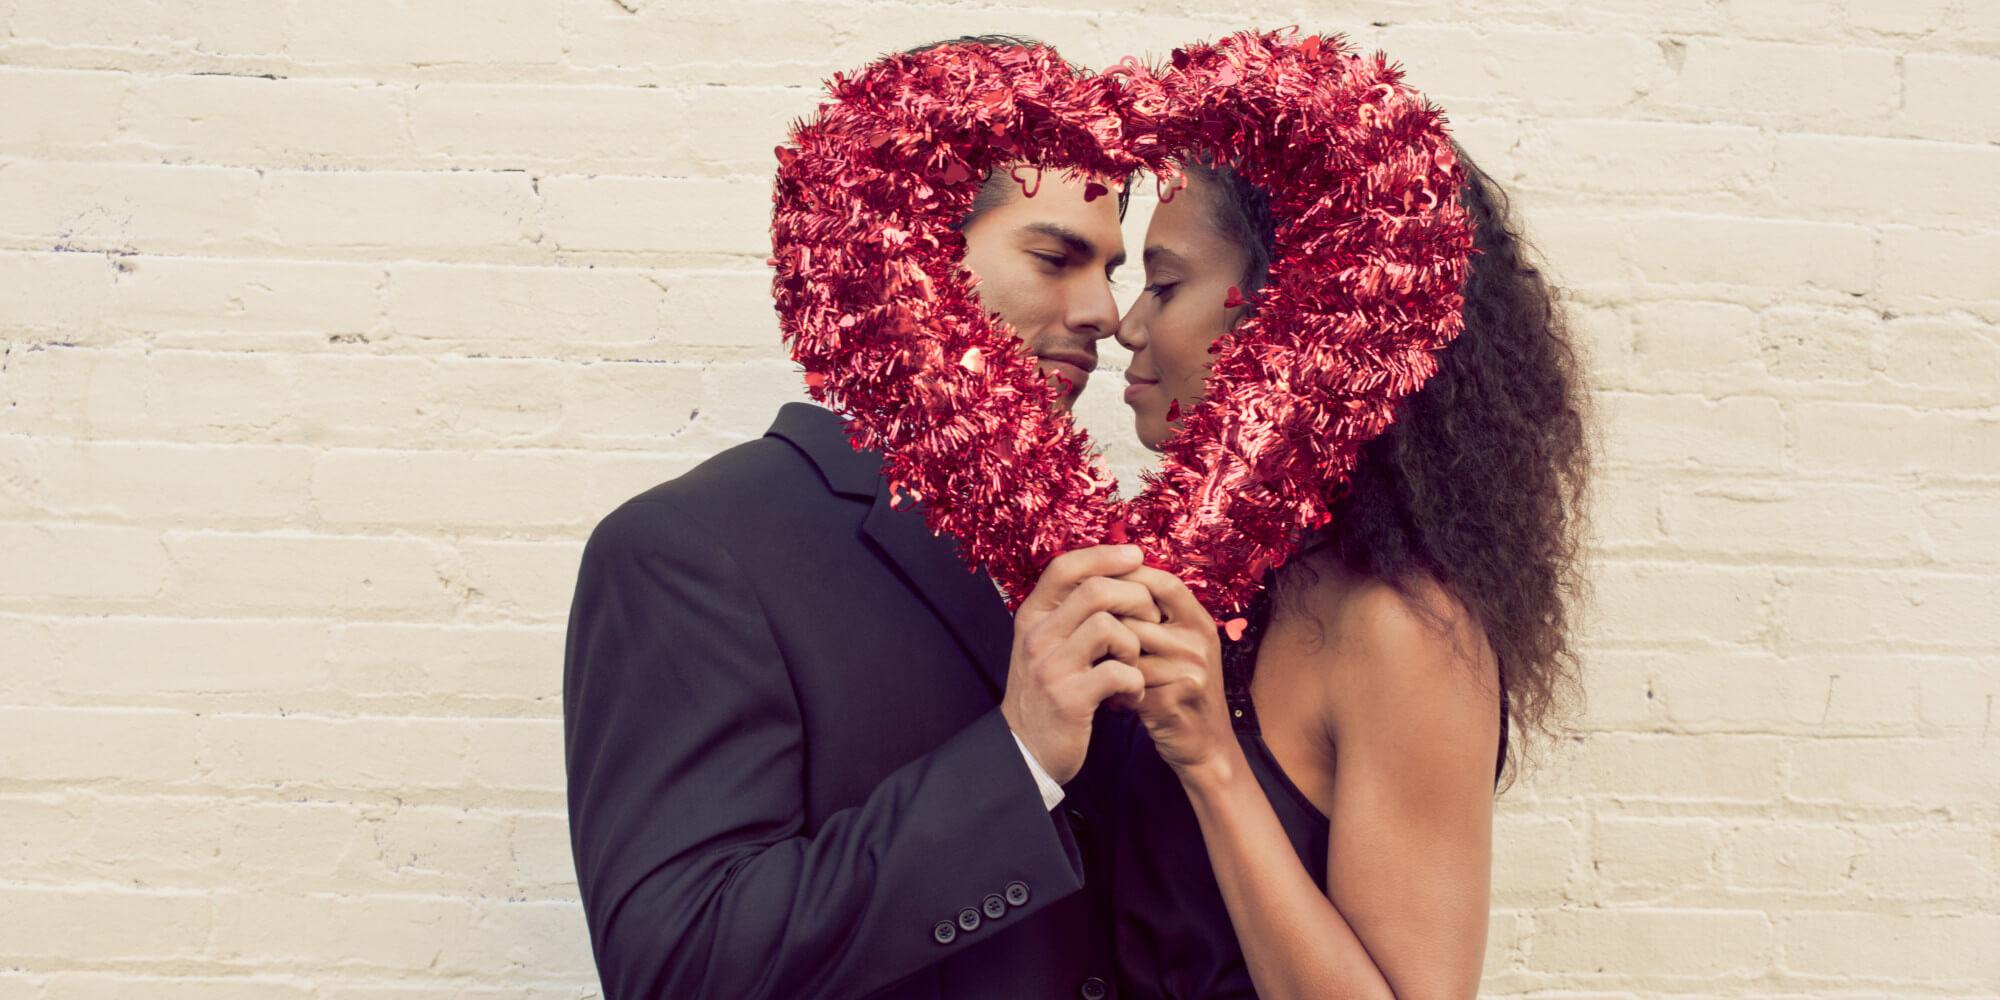 35 id es de photos romantiques pour une saint valentin. Black Bedroom Furniture Sets. Home Design Ideas